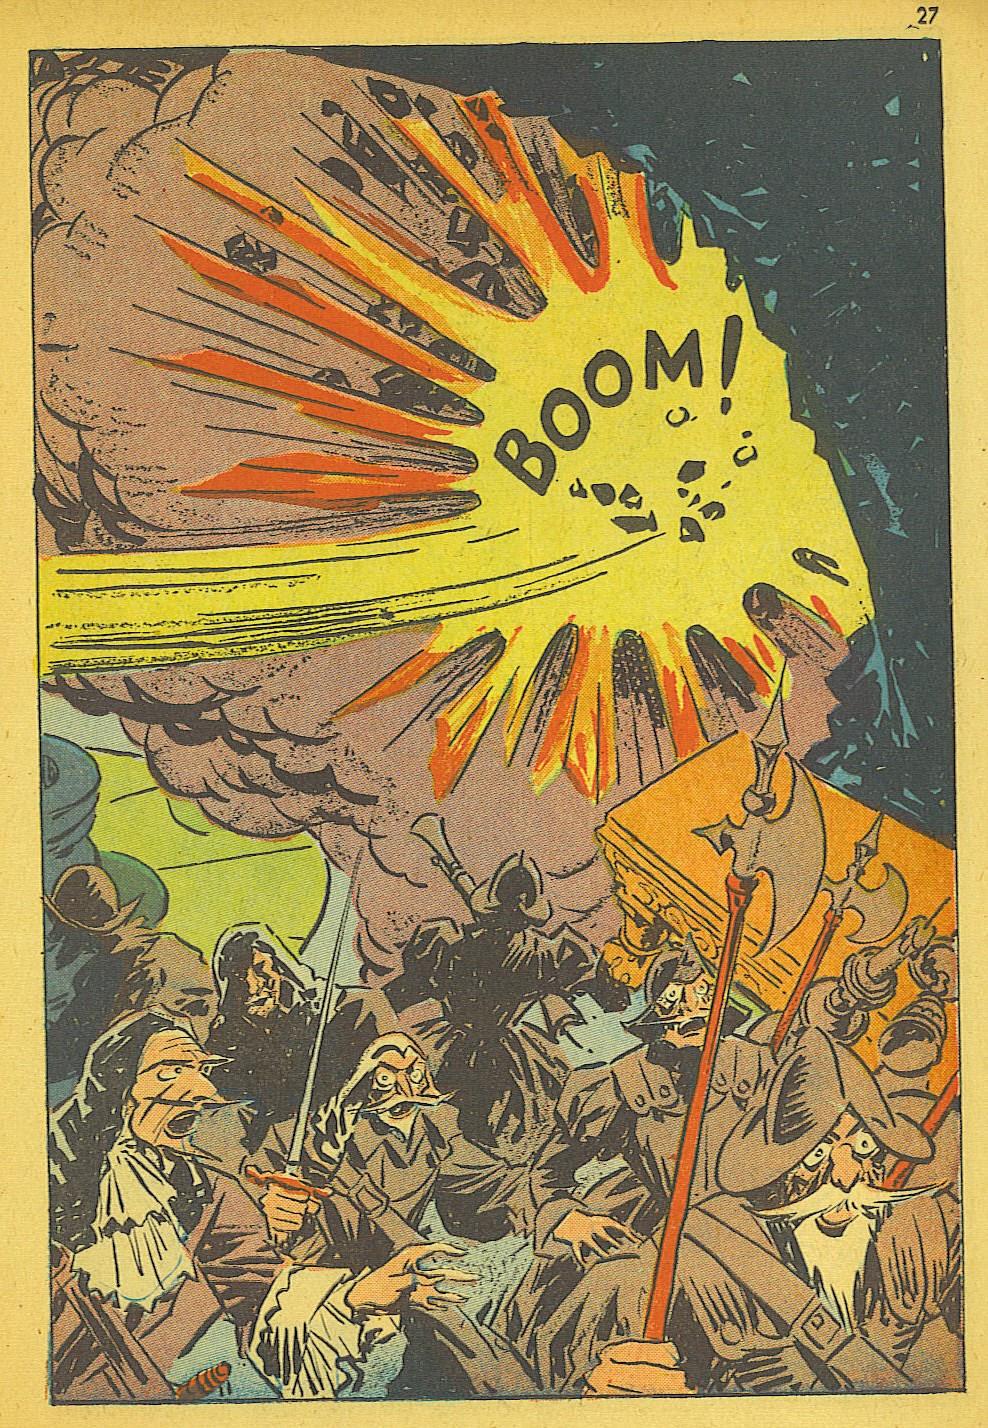 Read online Super-Magician Comics comic -  Issue #19 - 27